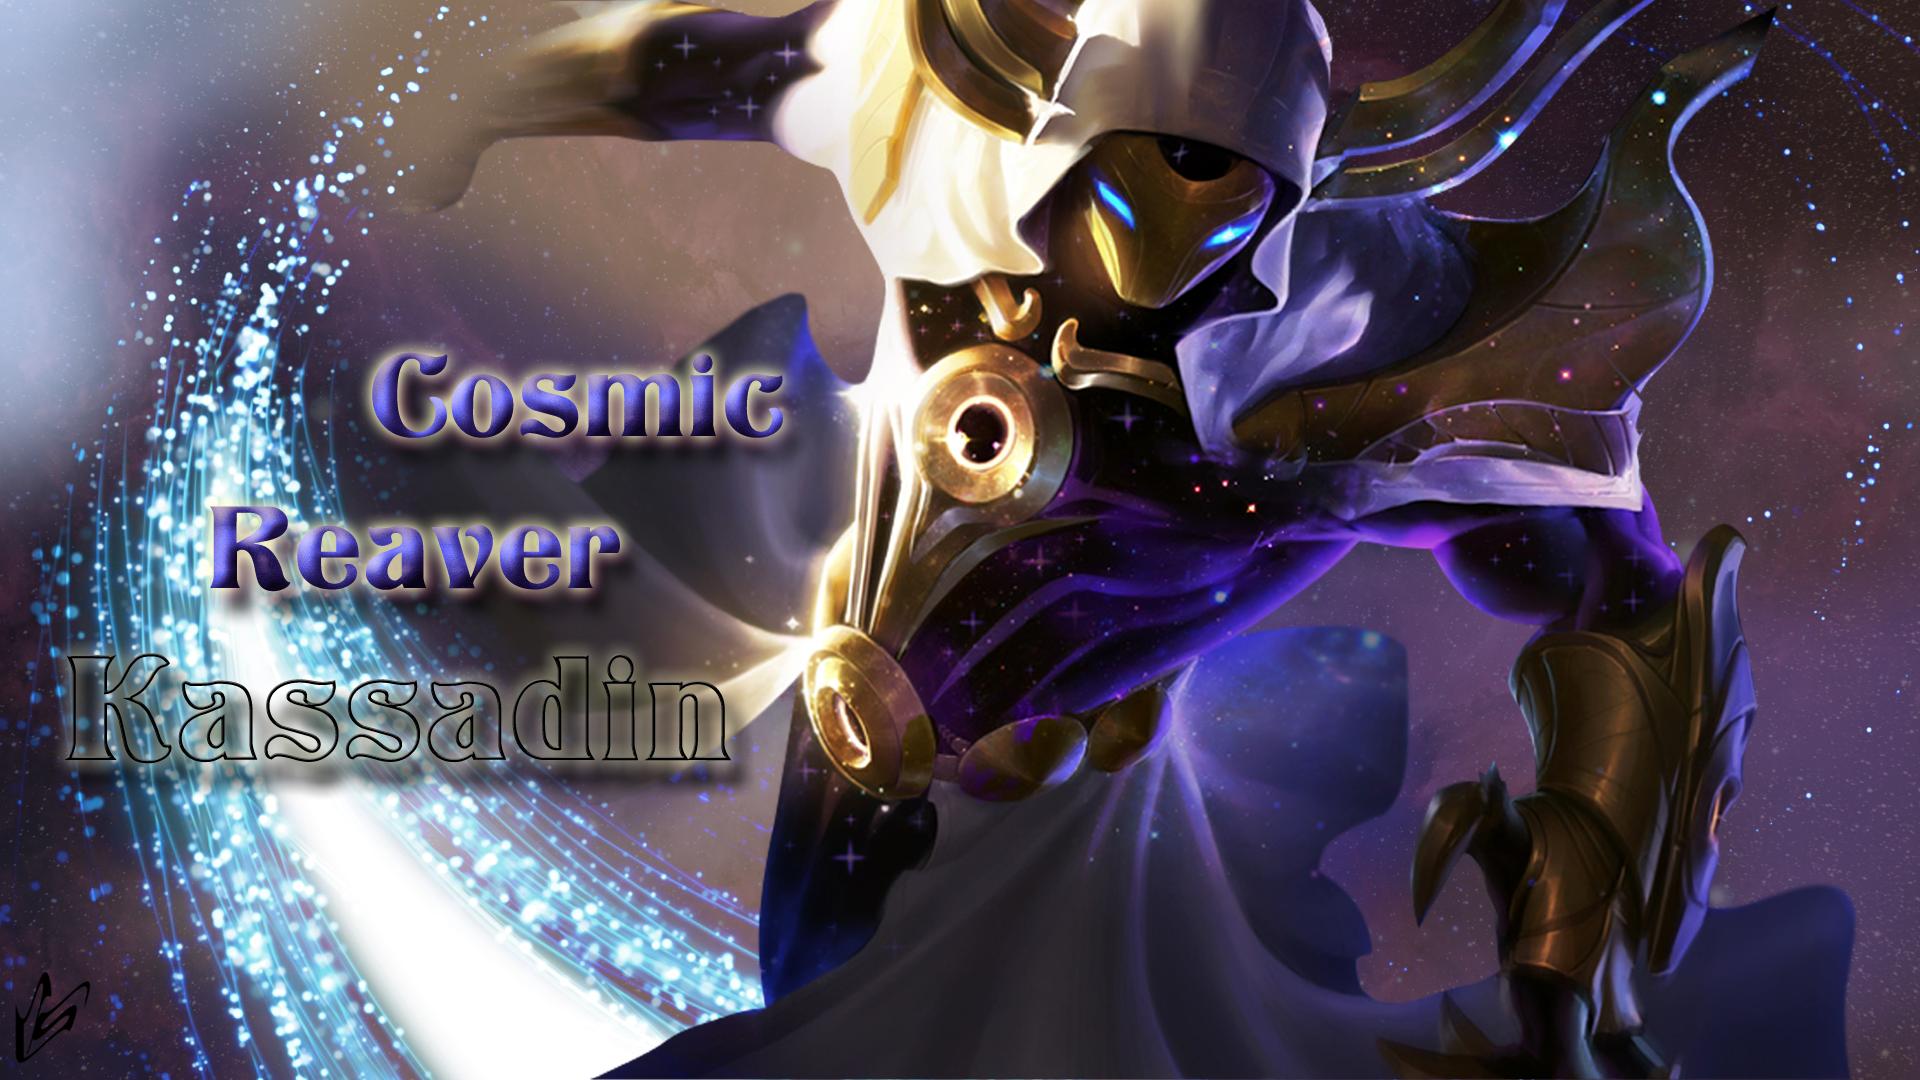 Cosmic Reaver Kassadin wallpaper